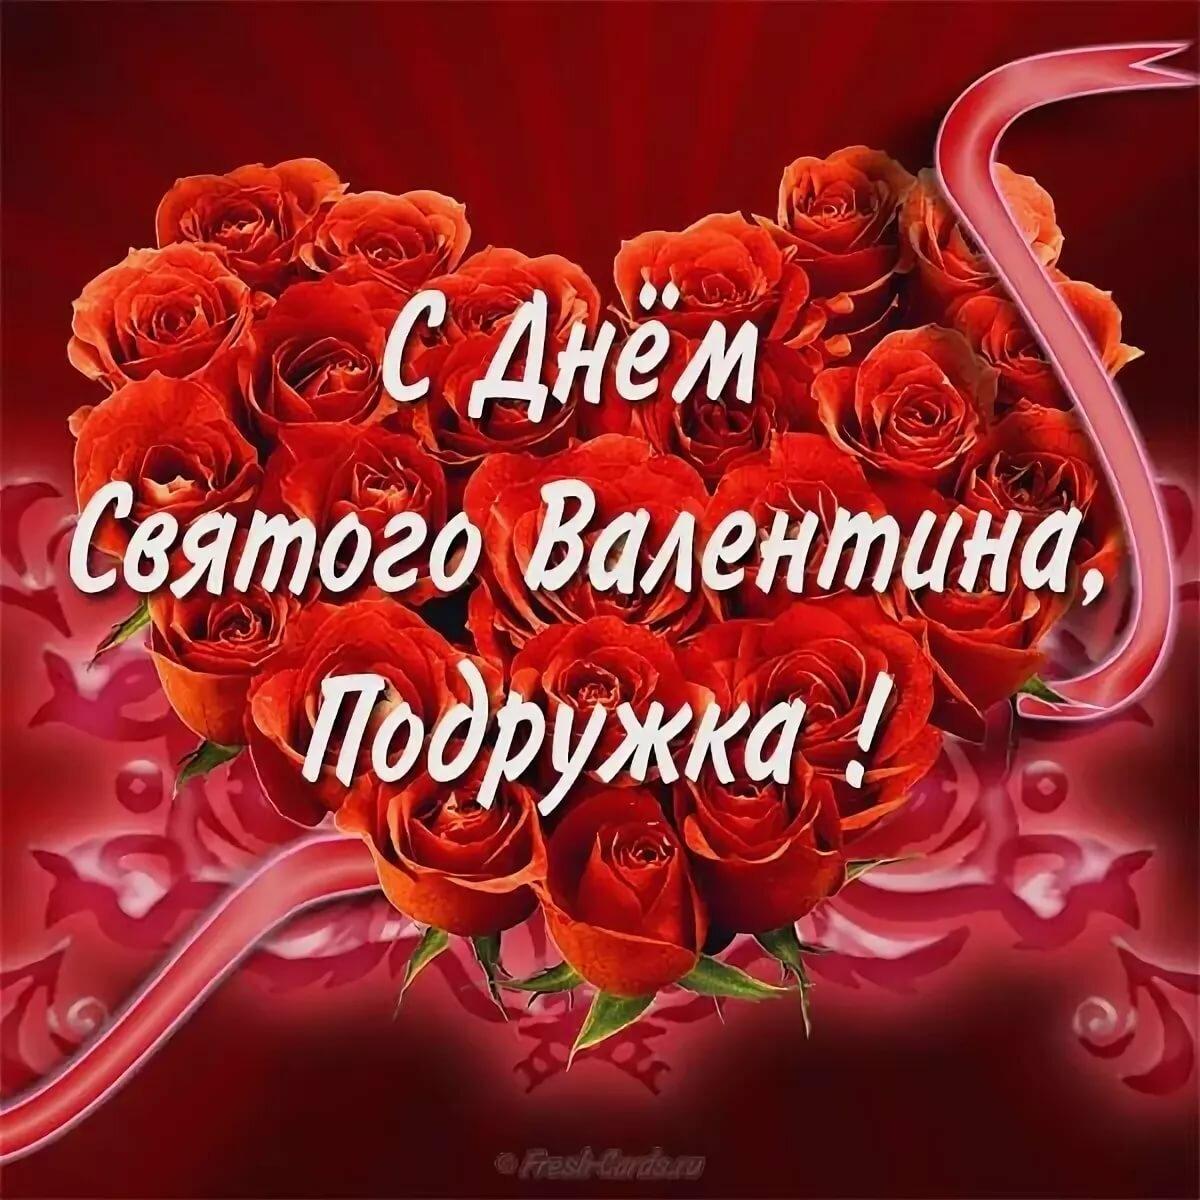 Поздравления на день святого валентина подружке